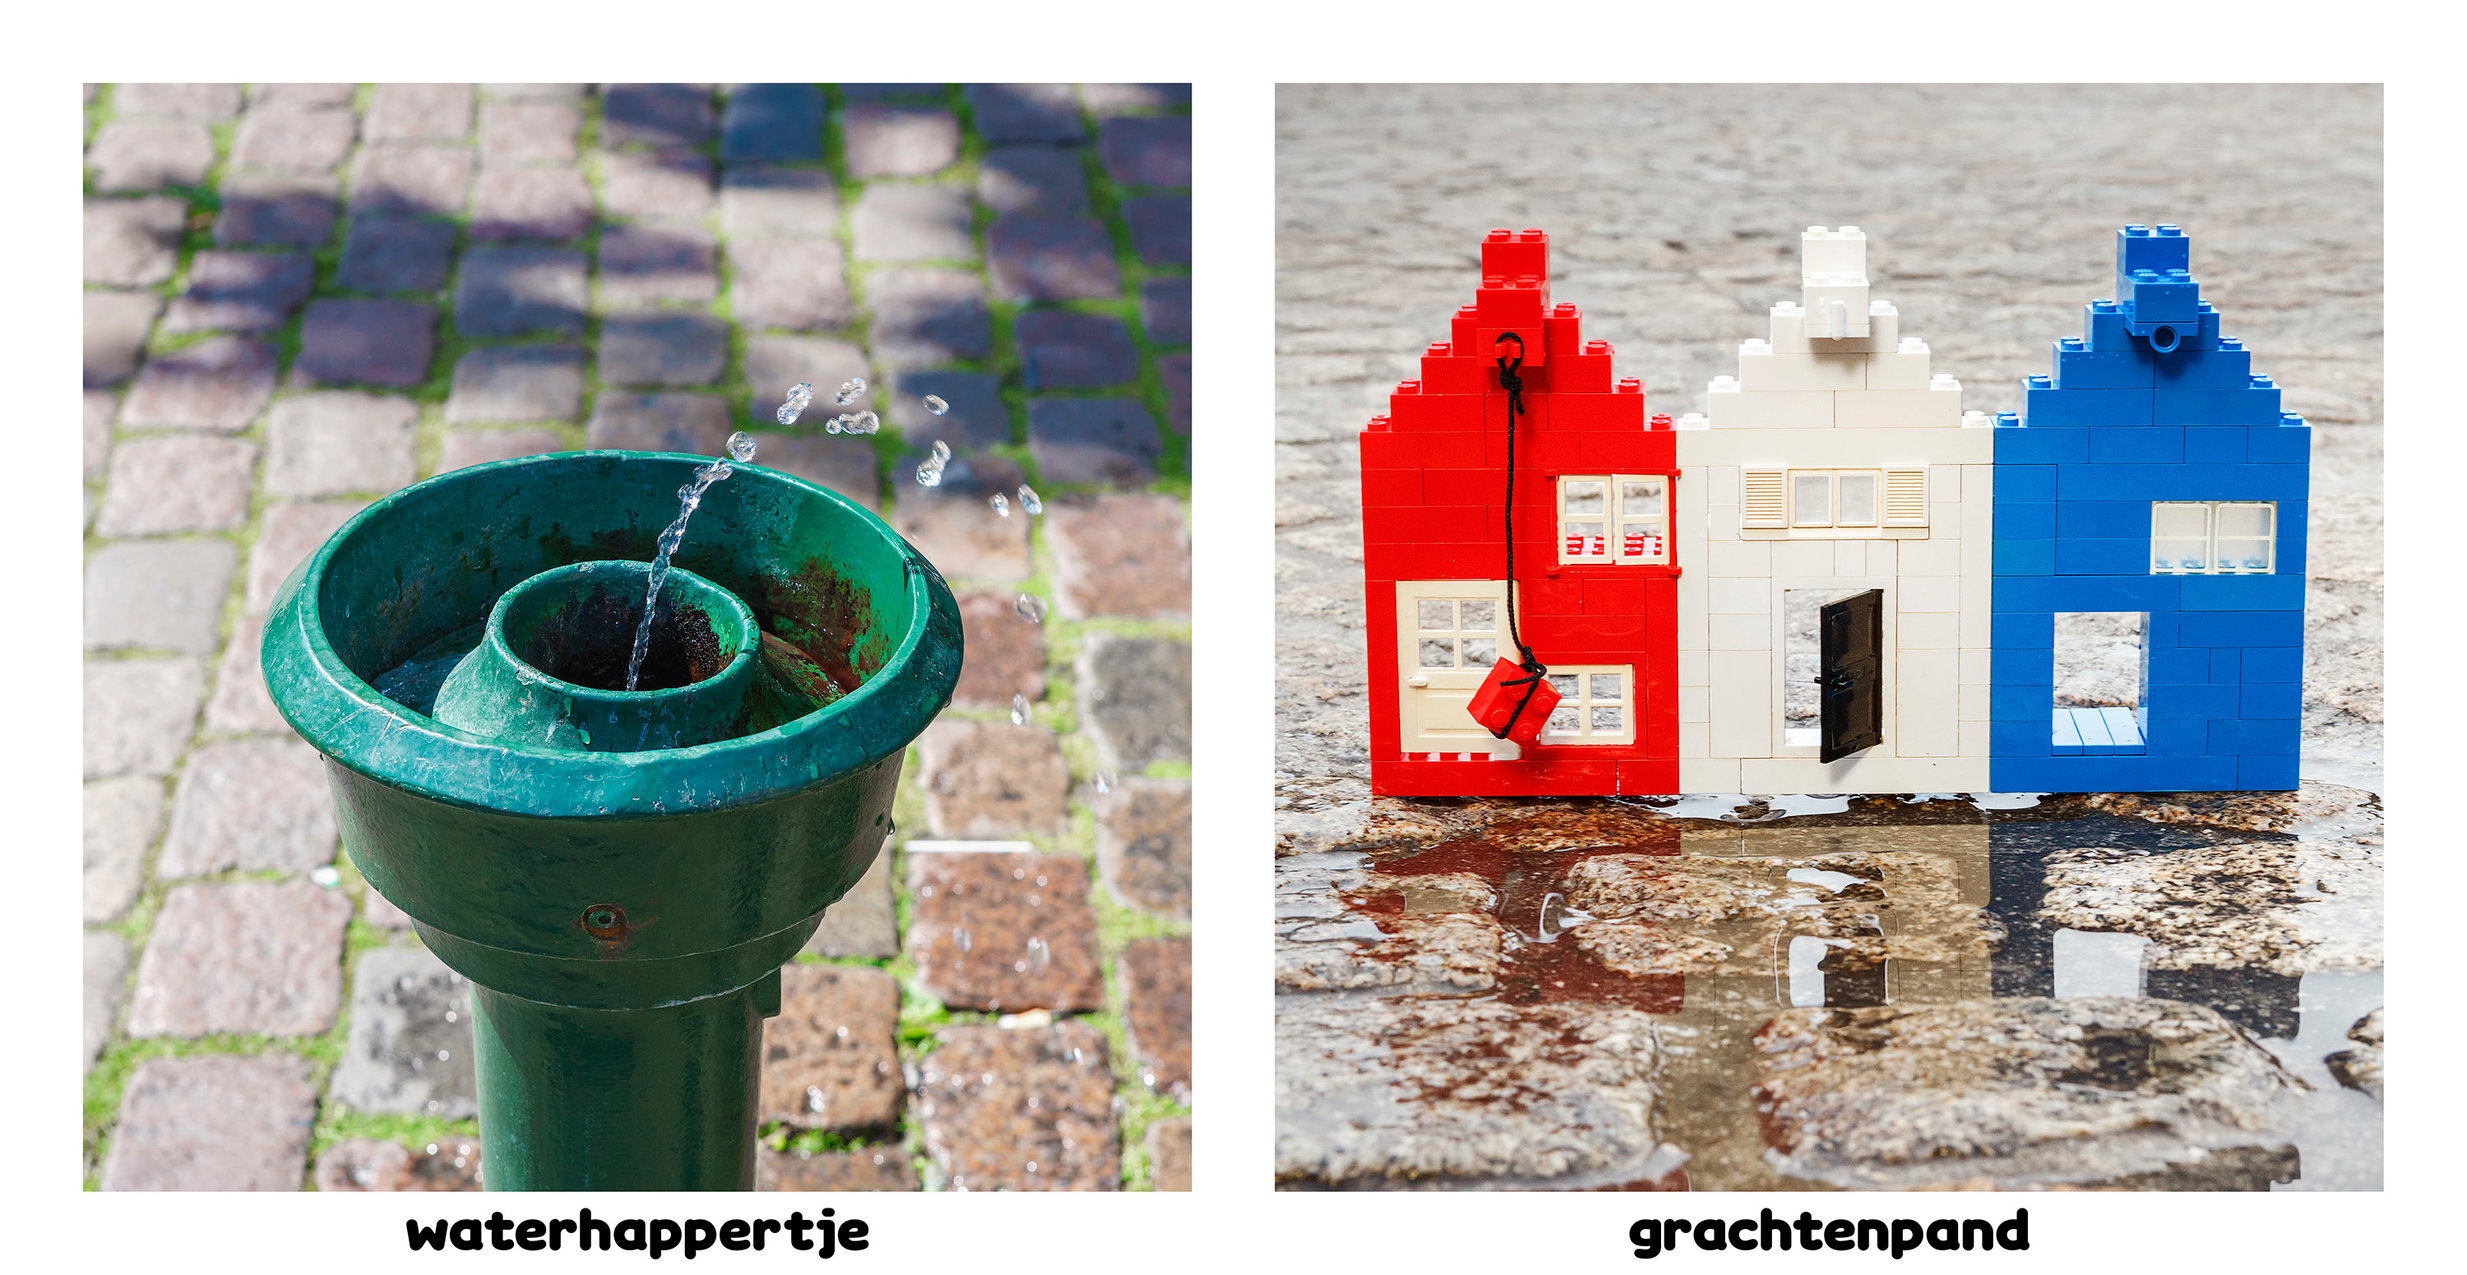 Waterhappertje-Grachtenpand Amsterdamsedingen Immink-Faber.jpg